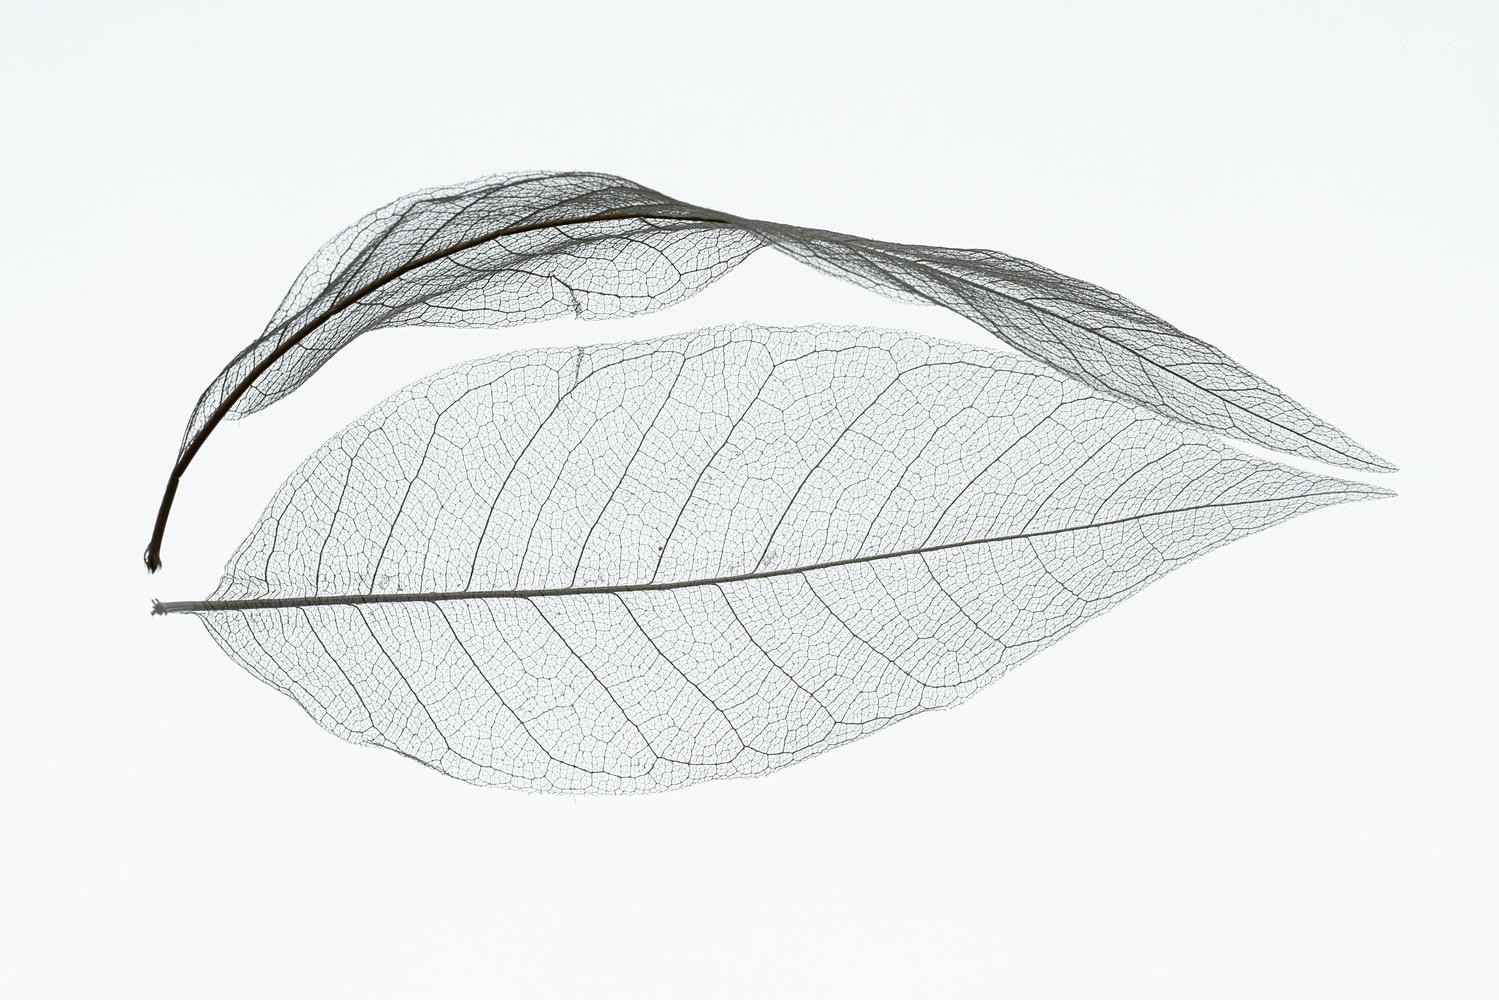 skeleton leaf by Hans van Voorst